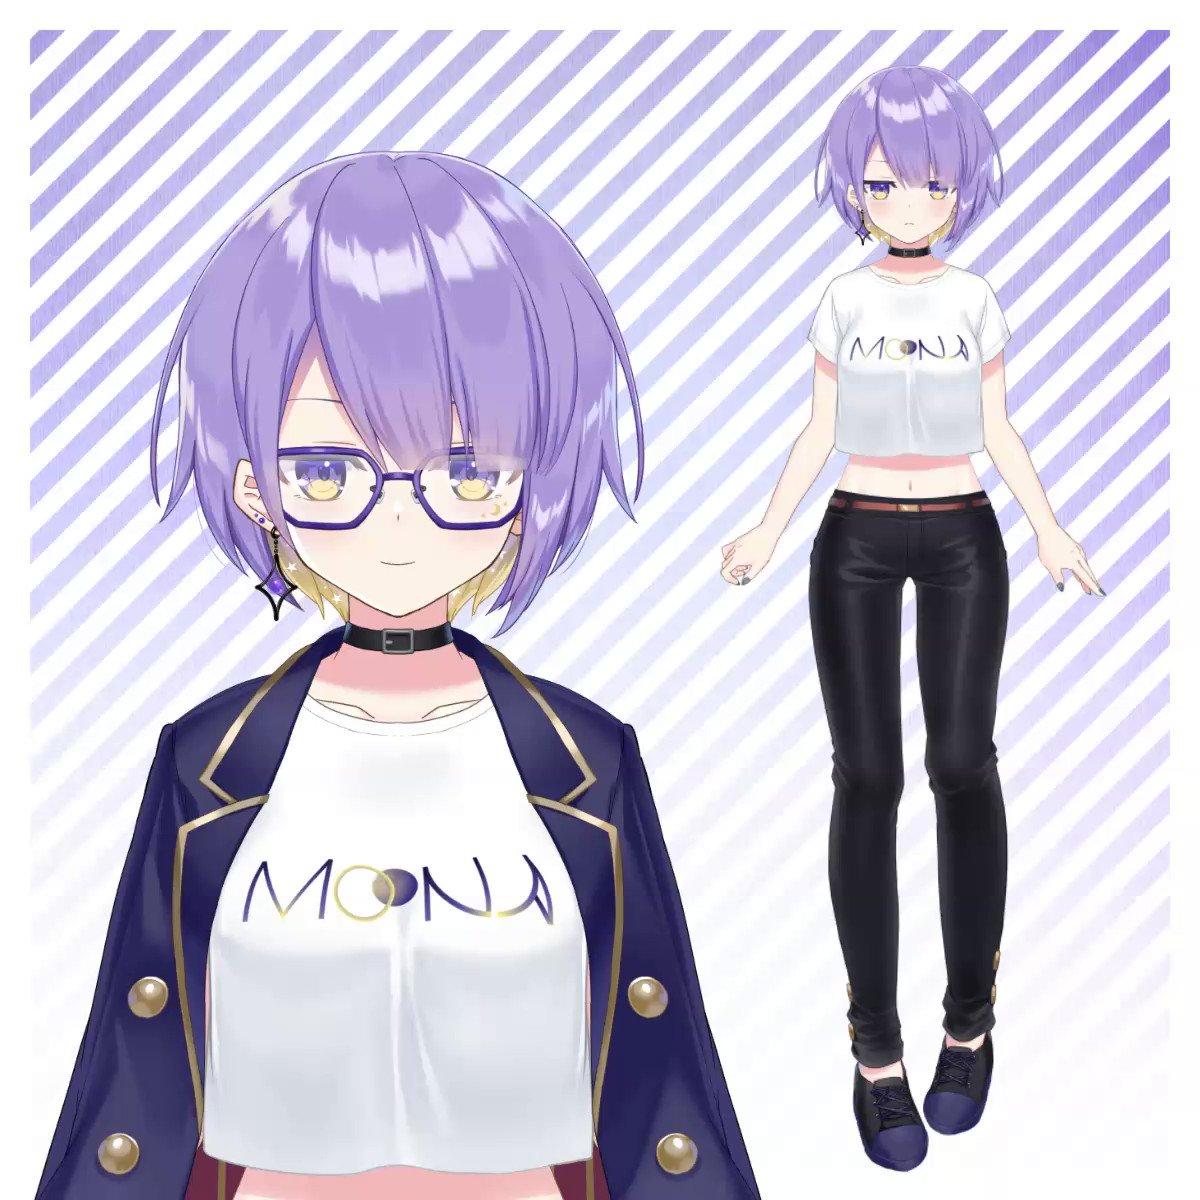 【制作報告】ホロライブID ムーナ・ホシノヴァさん(@moonahoshinova)の新衣装Live2Dを担当させていただきました!I rigged a new outfit for Moona Hoshinova, who belongs to Hololive ID!イラスト:により先生(@ nyorinyori)ベースモデル:Jujube先生(@ MegaJujube)#holoIDNewCostume #holoID